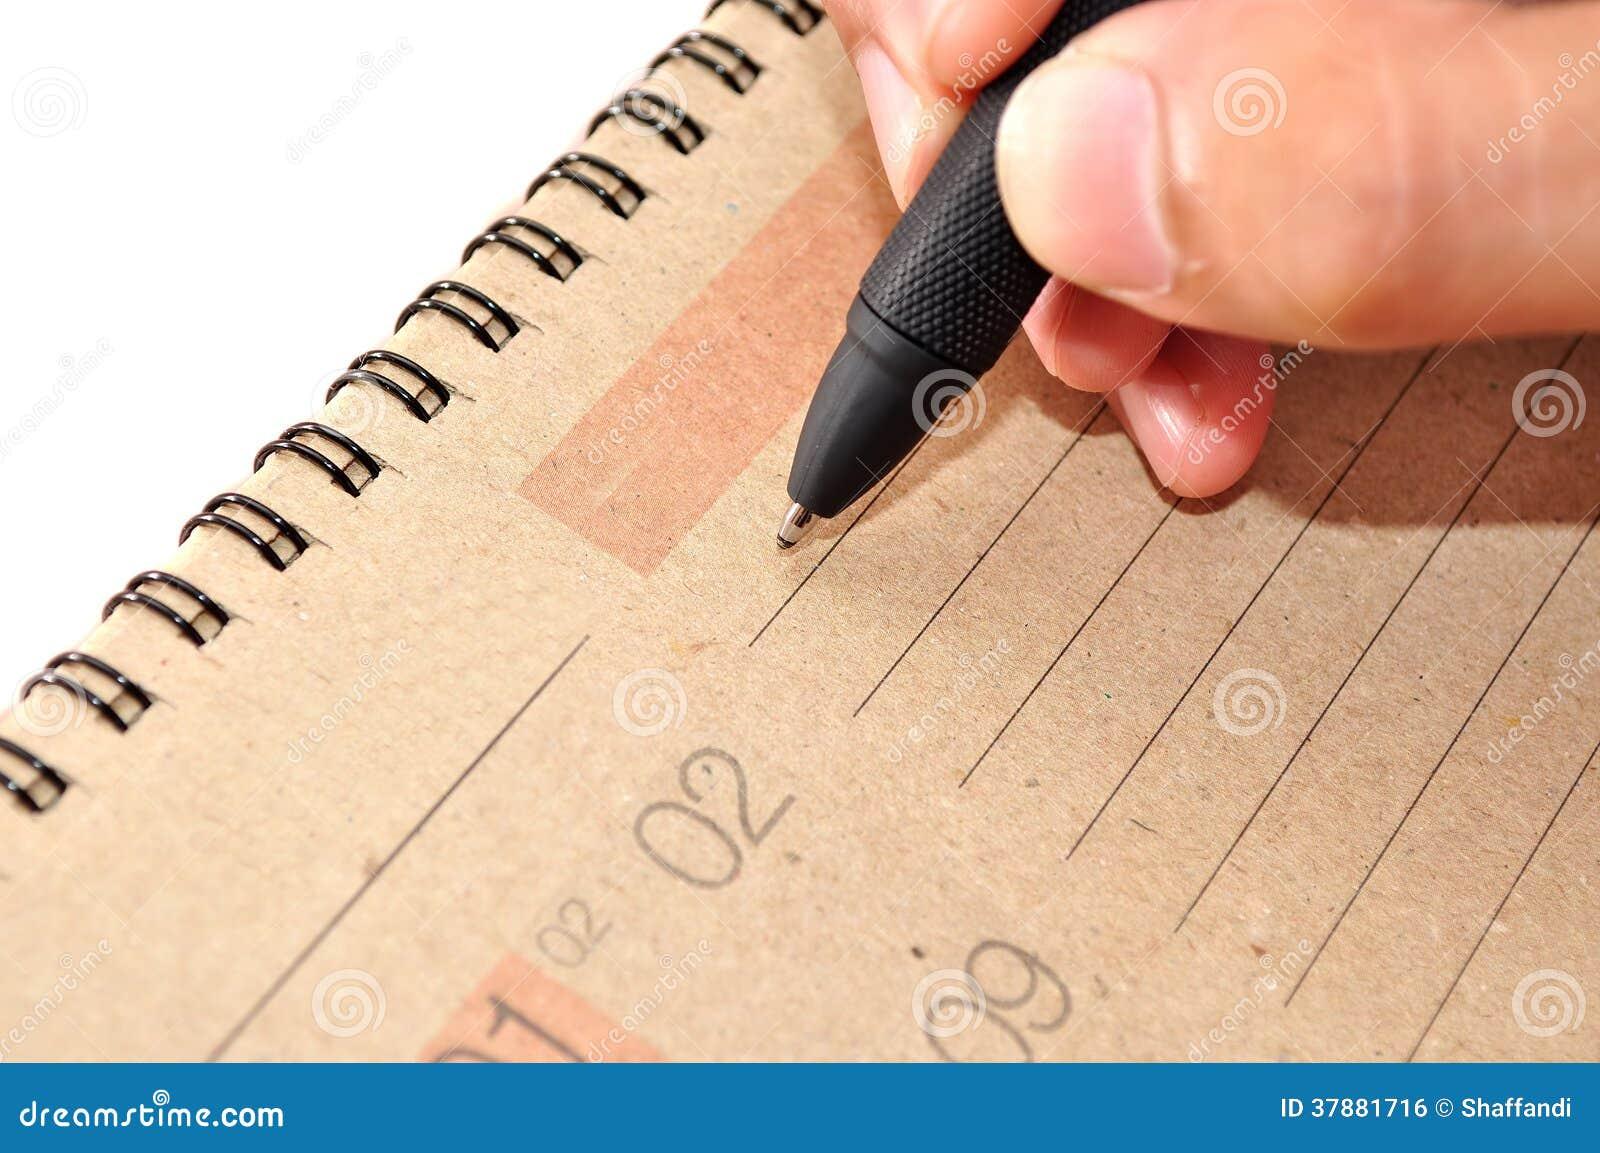 Рука с ручкой принимает примечание в календарь